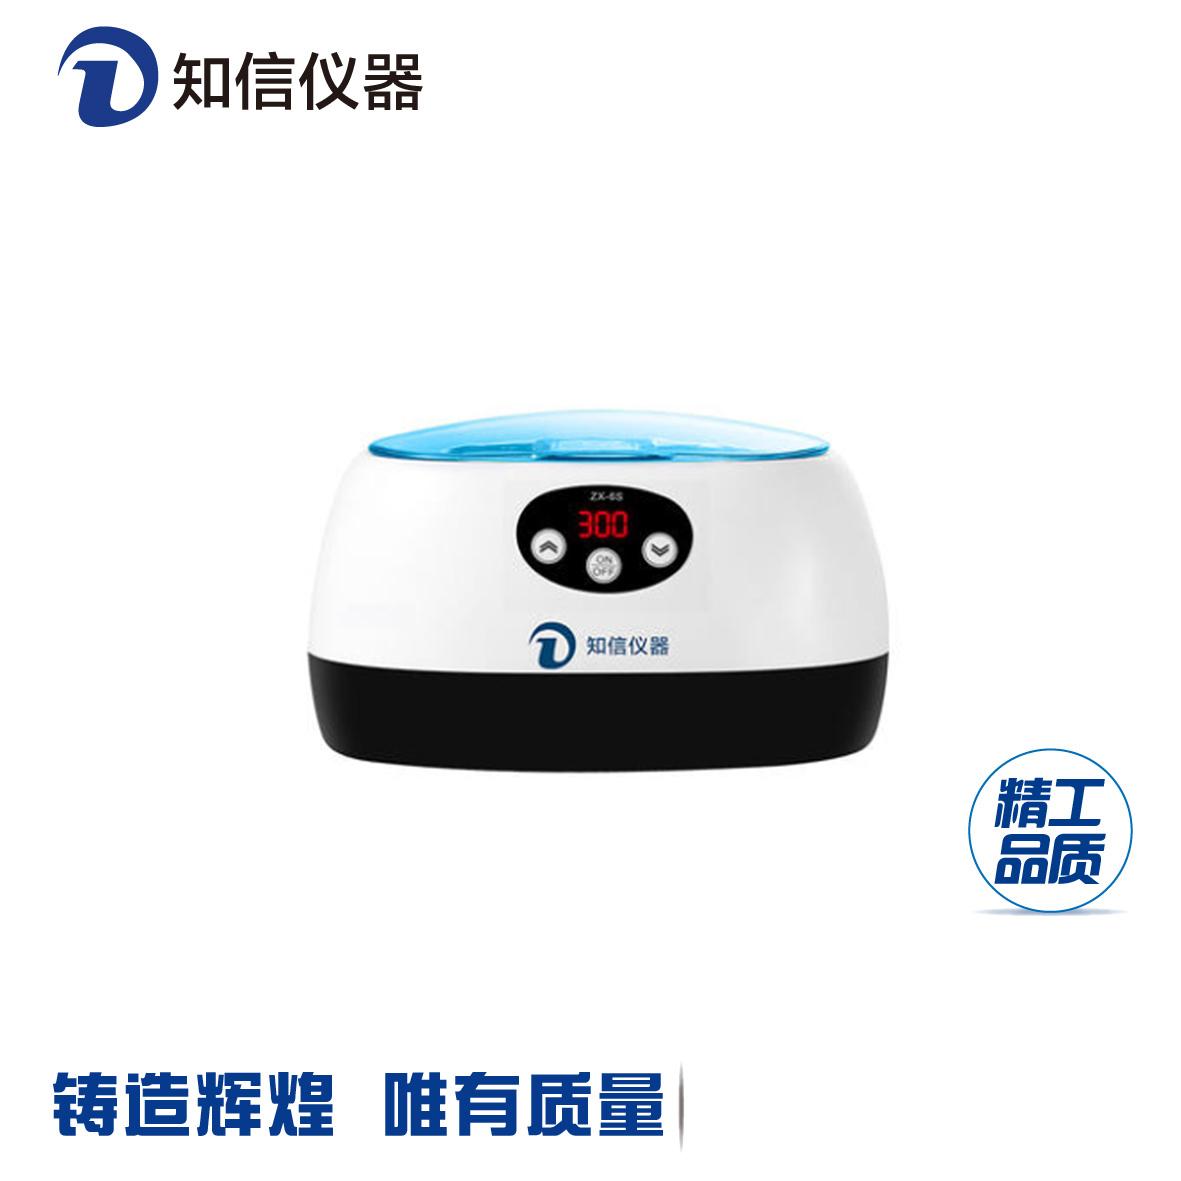 上海知信ZX-6S小型超声波清洗机 眼镜首饰迷你家用超声波清洗仪器